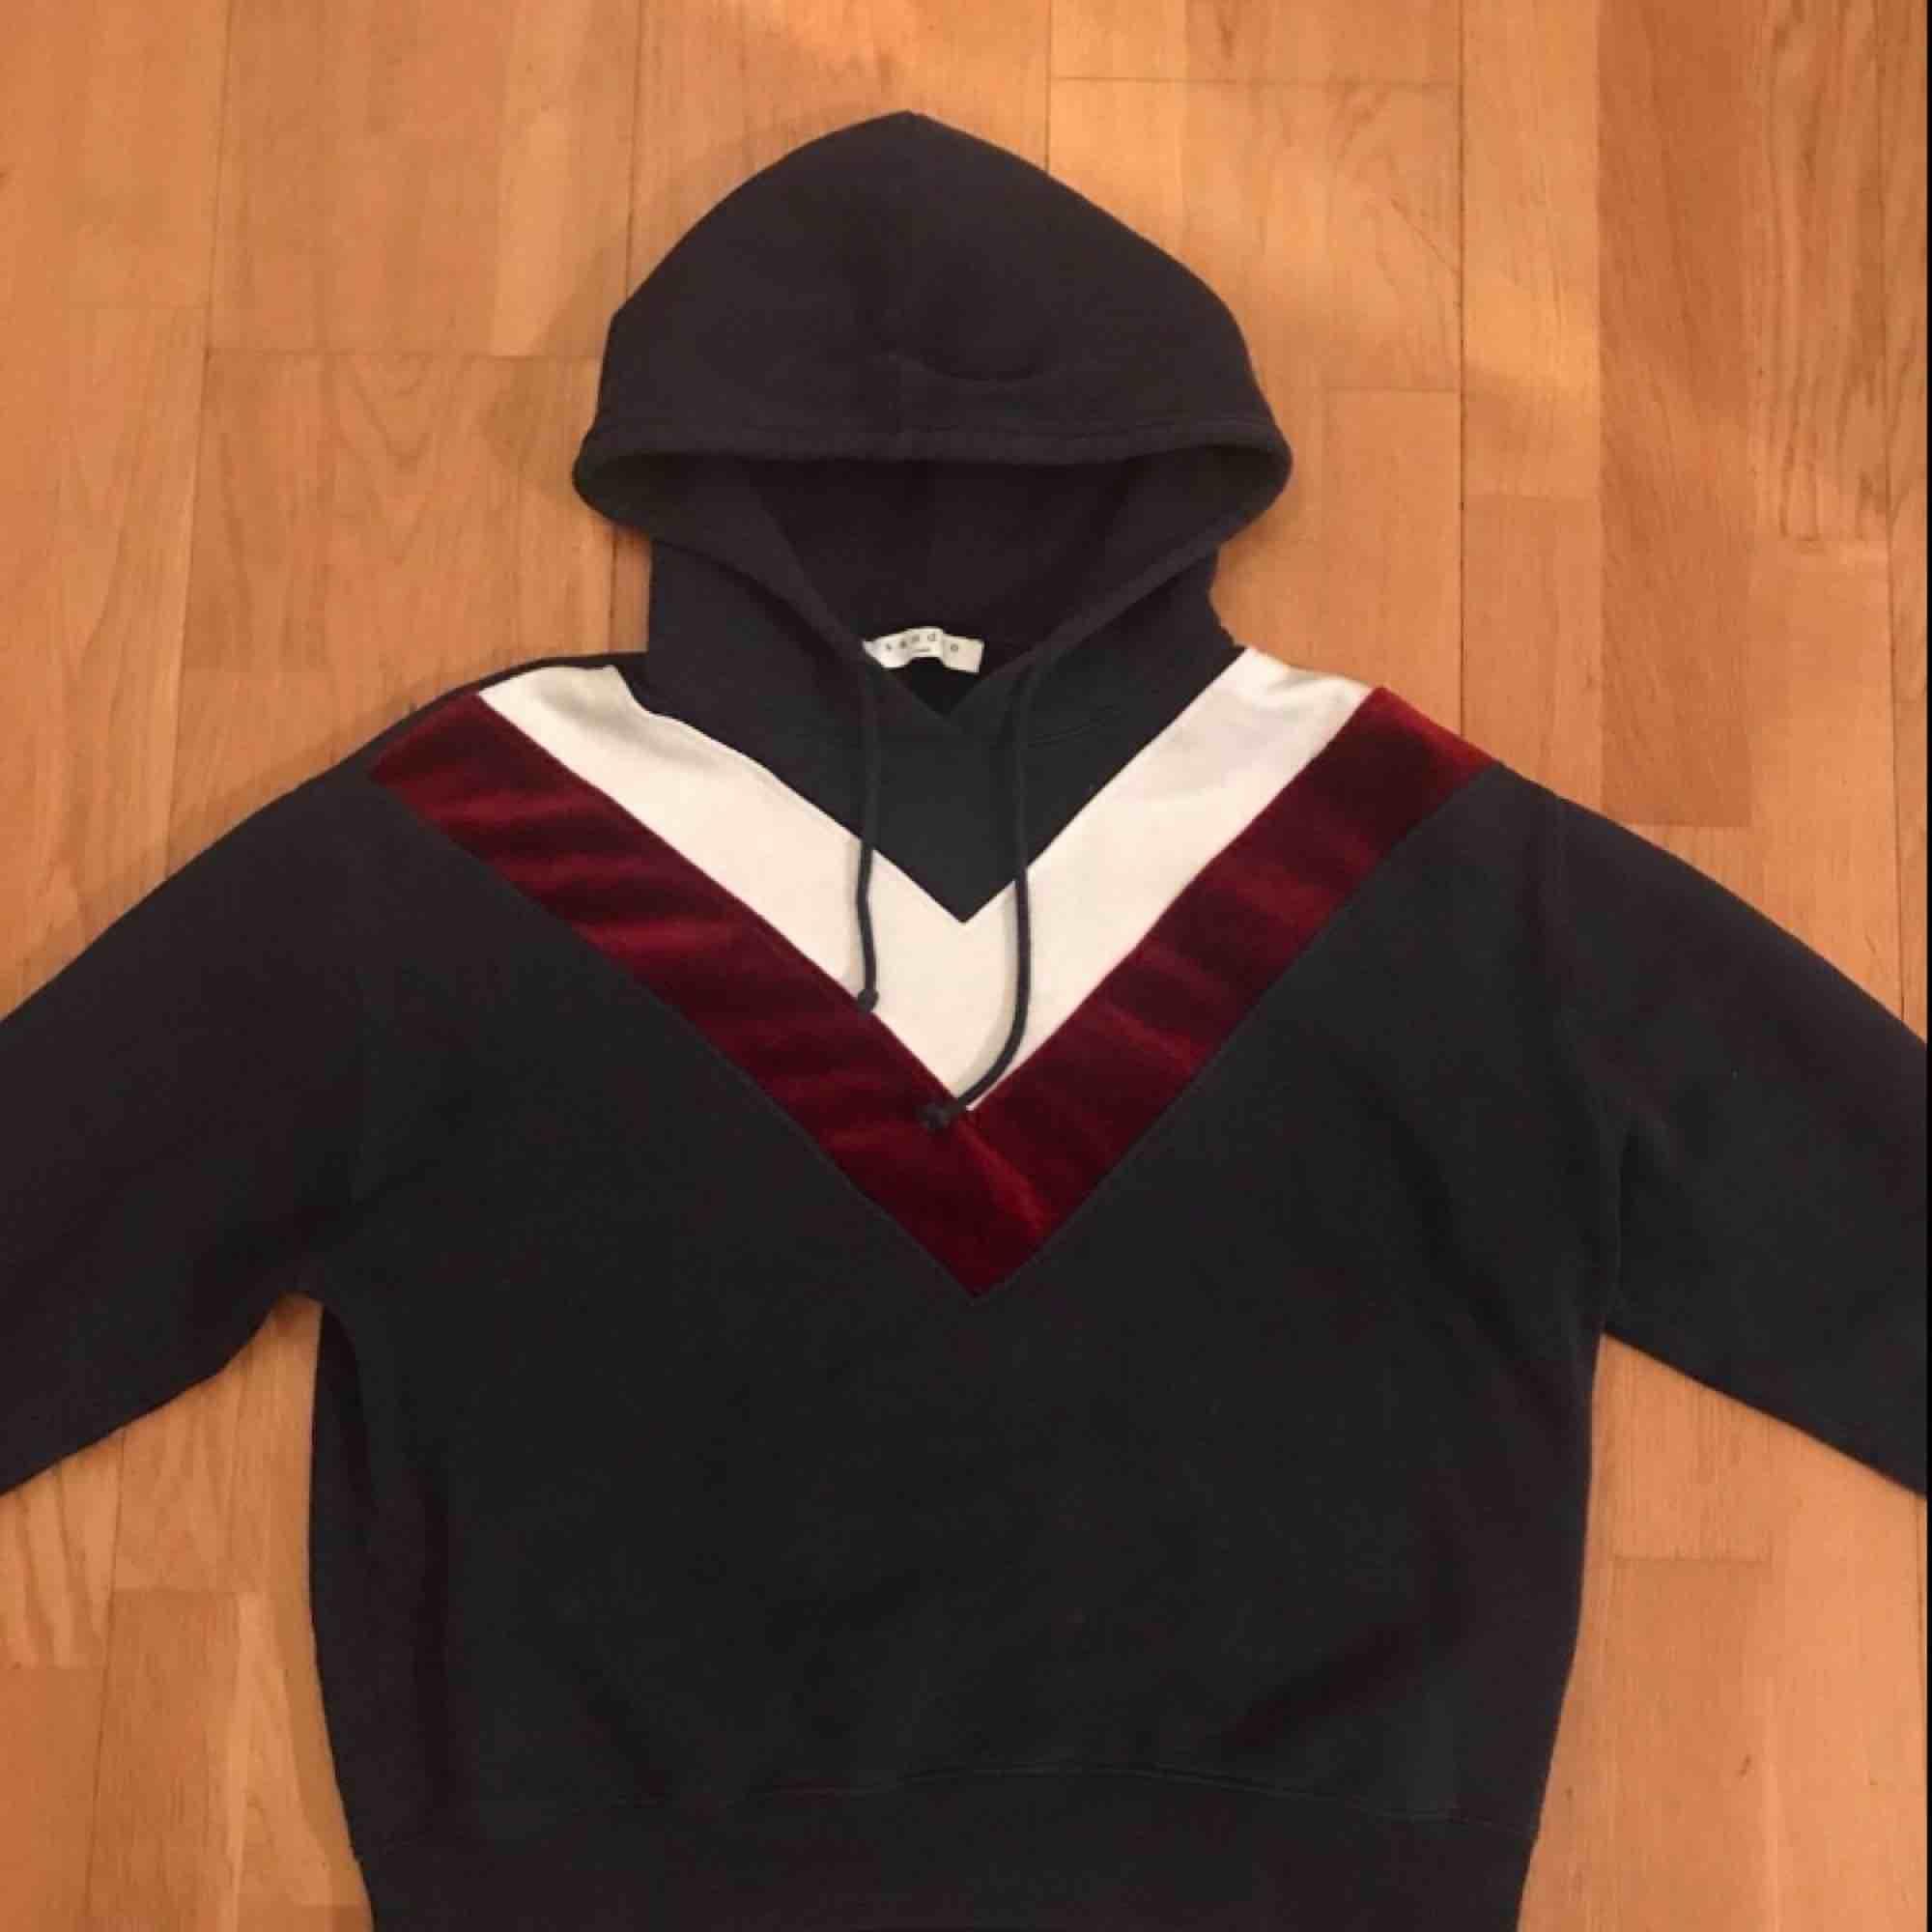 Sparsamt använd Sandro Hoodie. Finns ej tillgänglig i butik längre! Köpare står för eventuell frakt. Huvtröjor & Träningströjor.